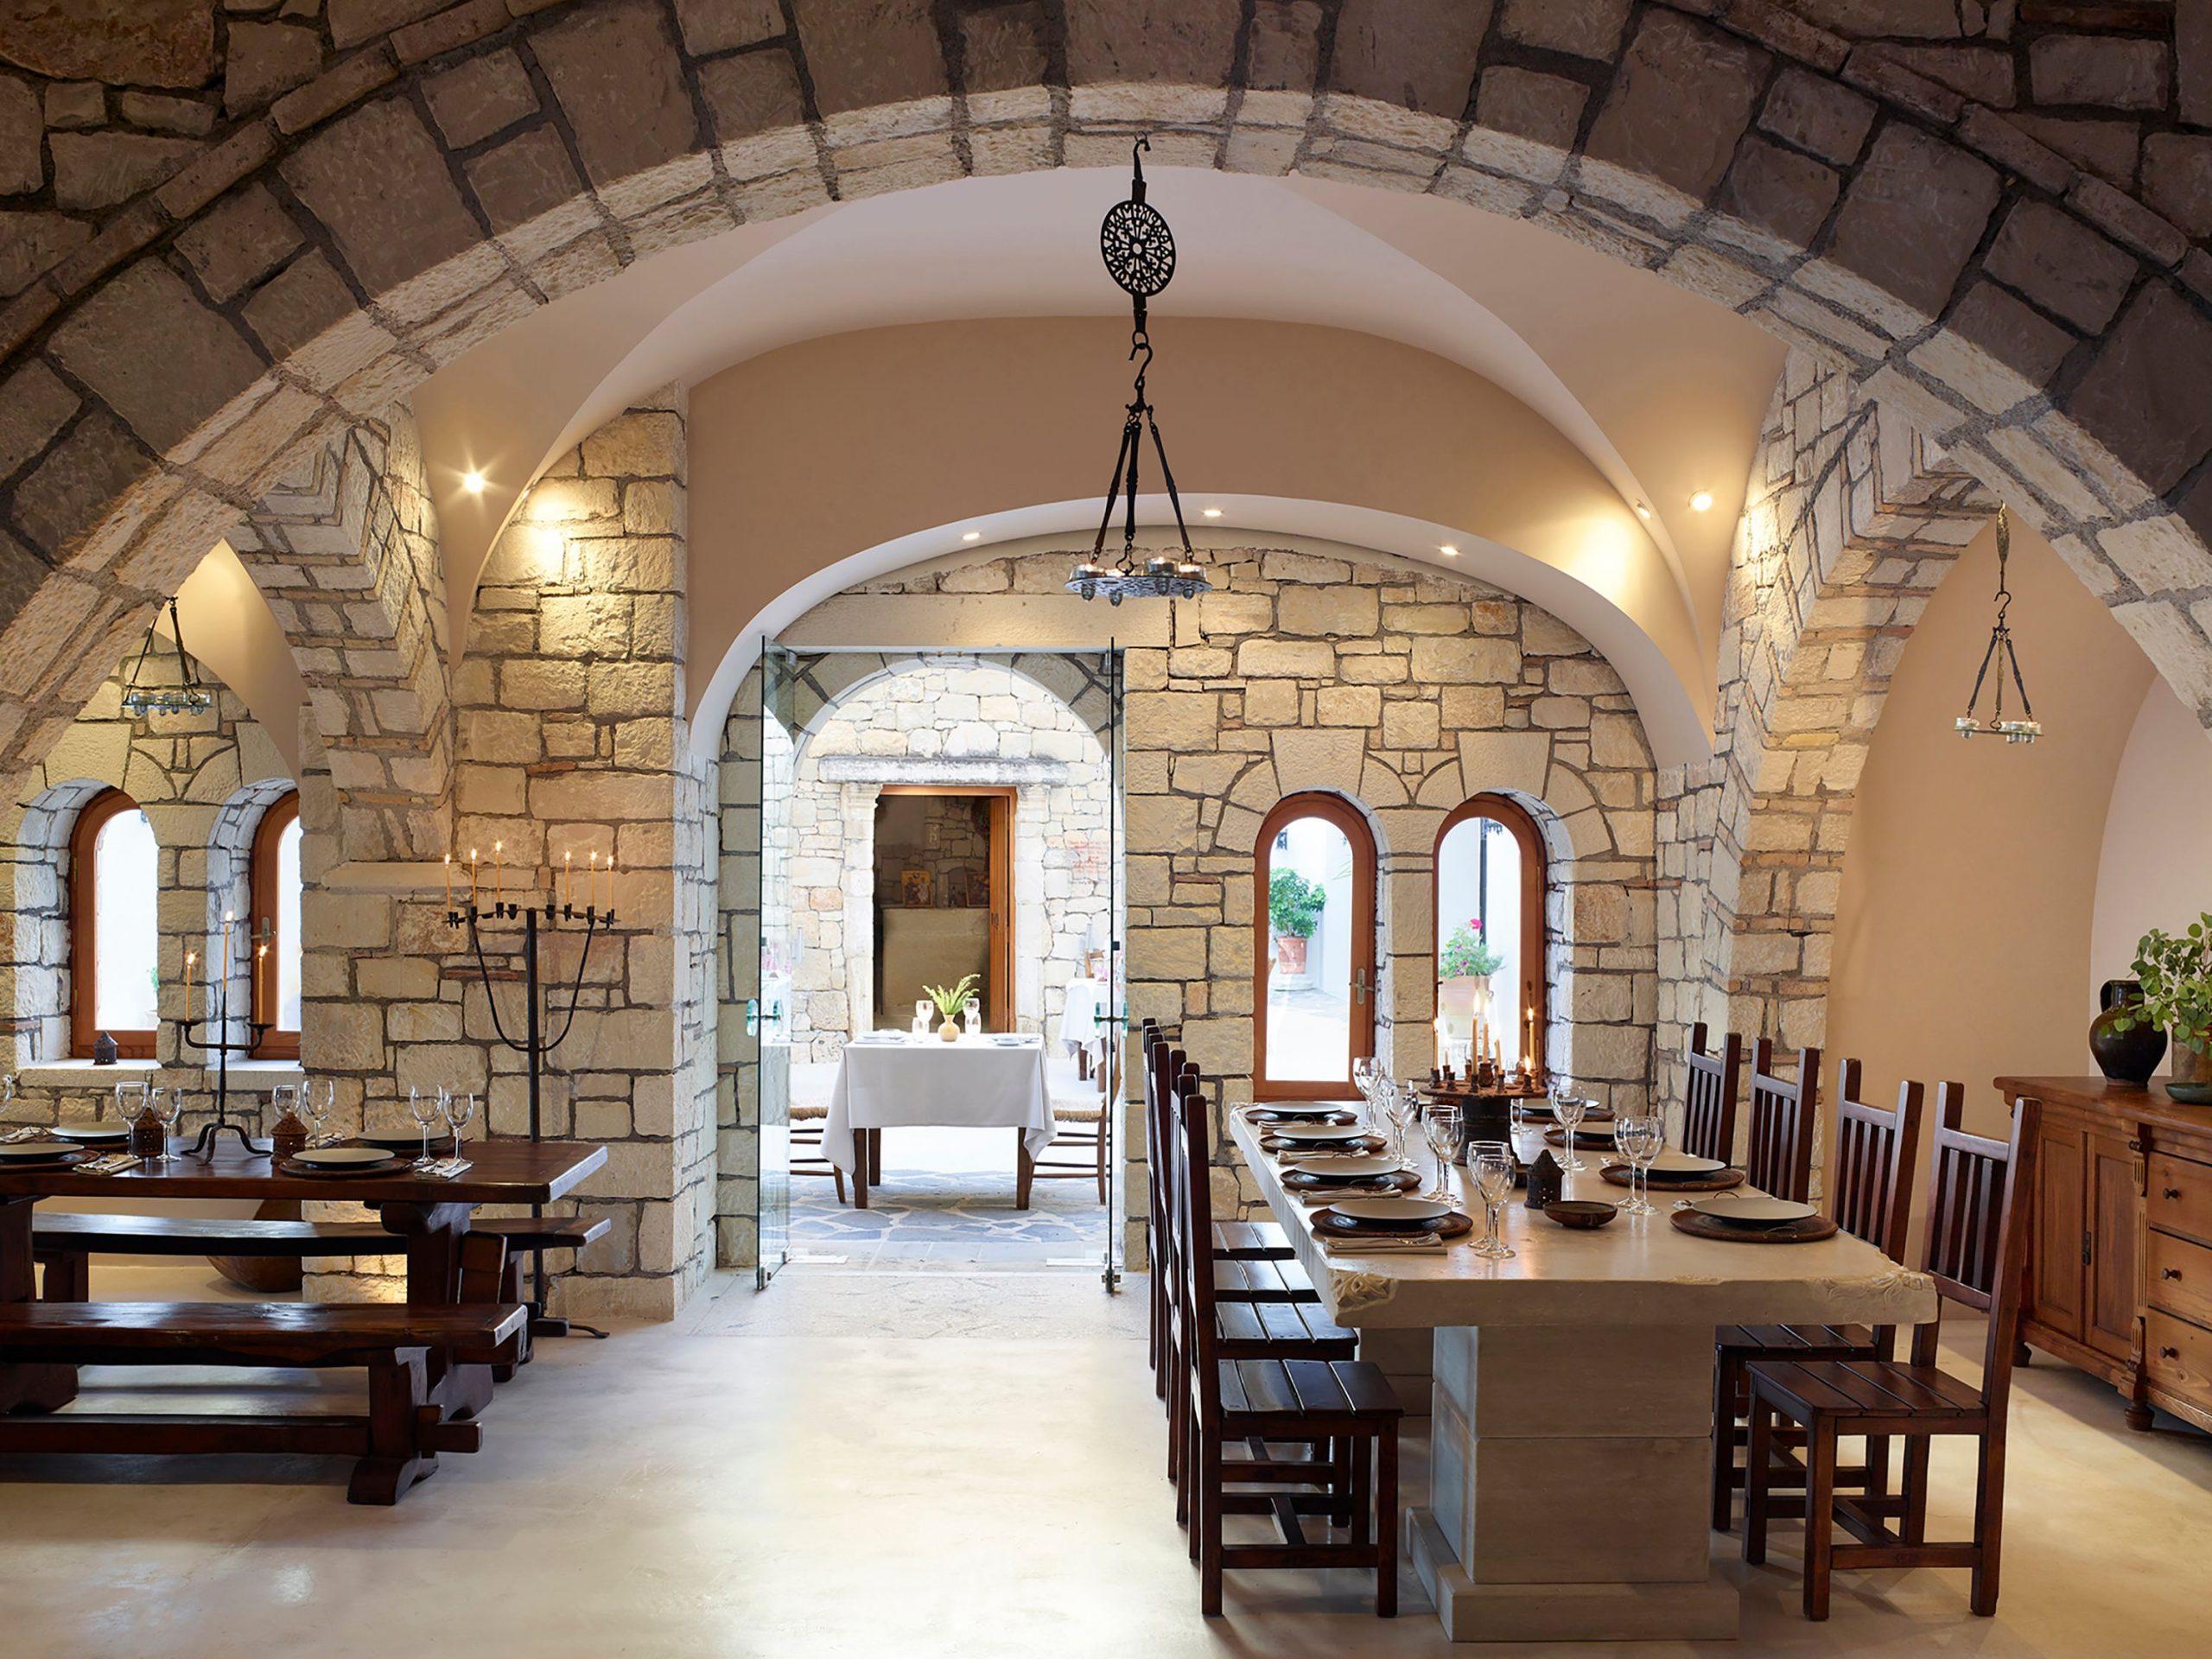 restauracja Platia, hotel Creta Maris, Kreta